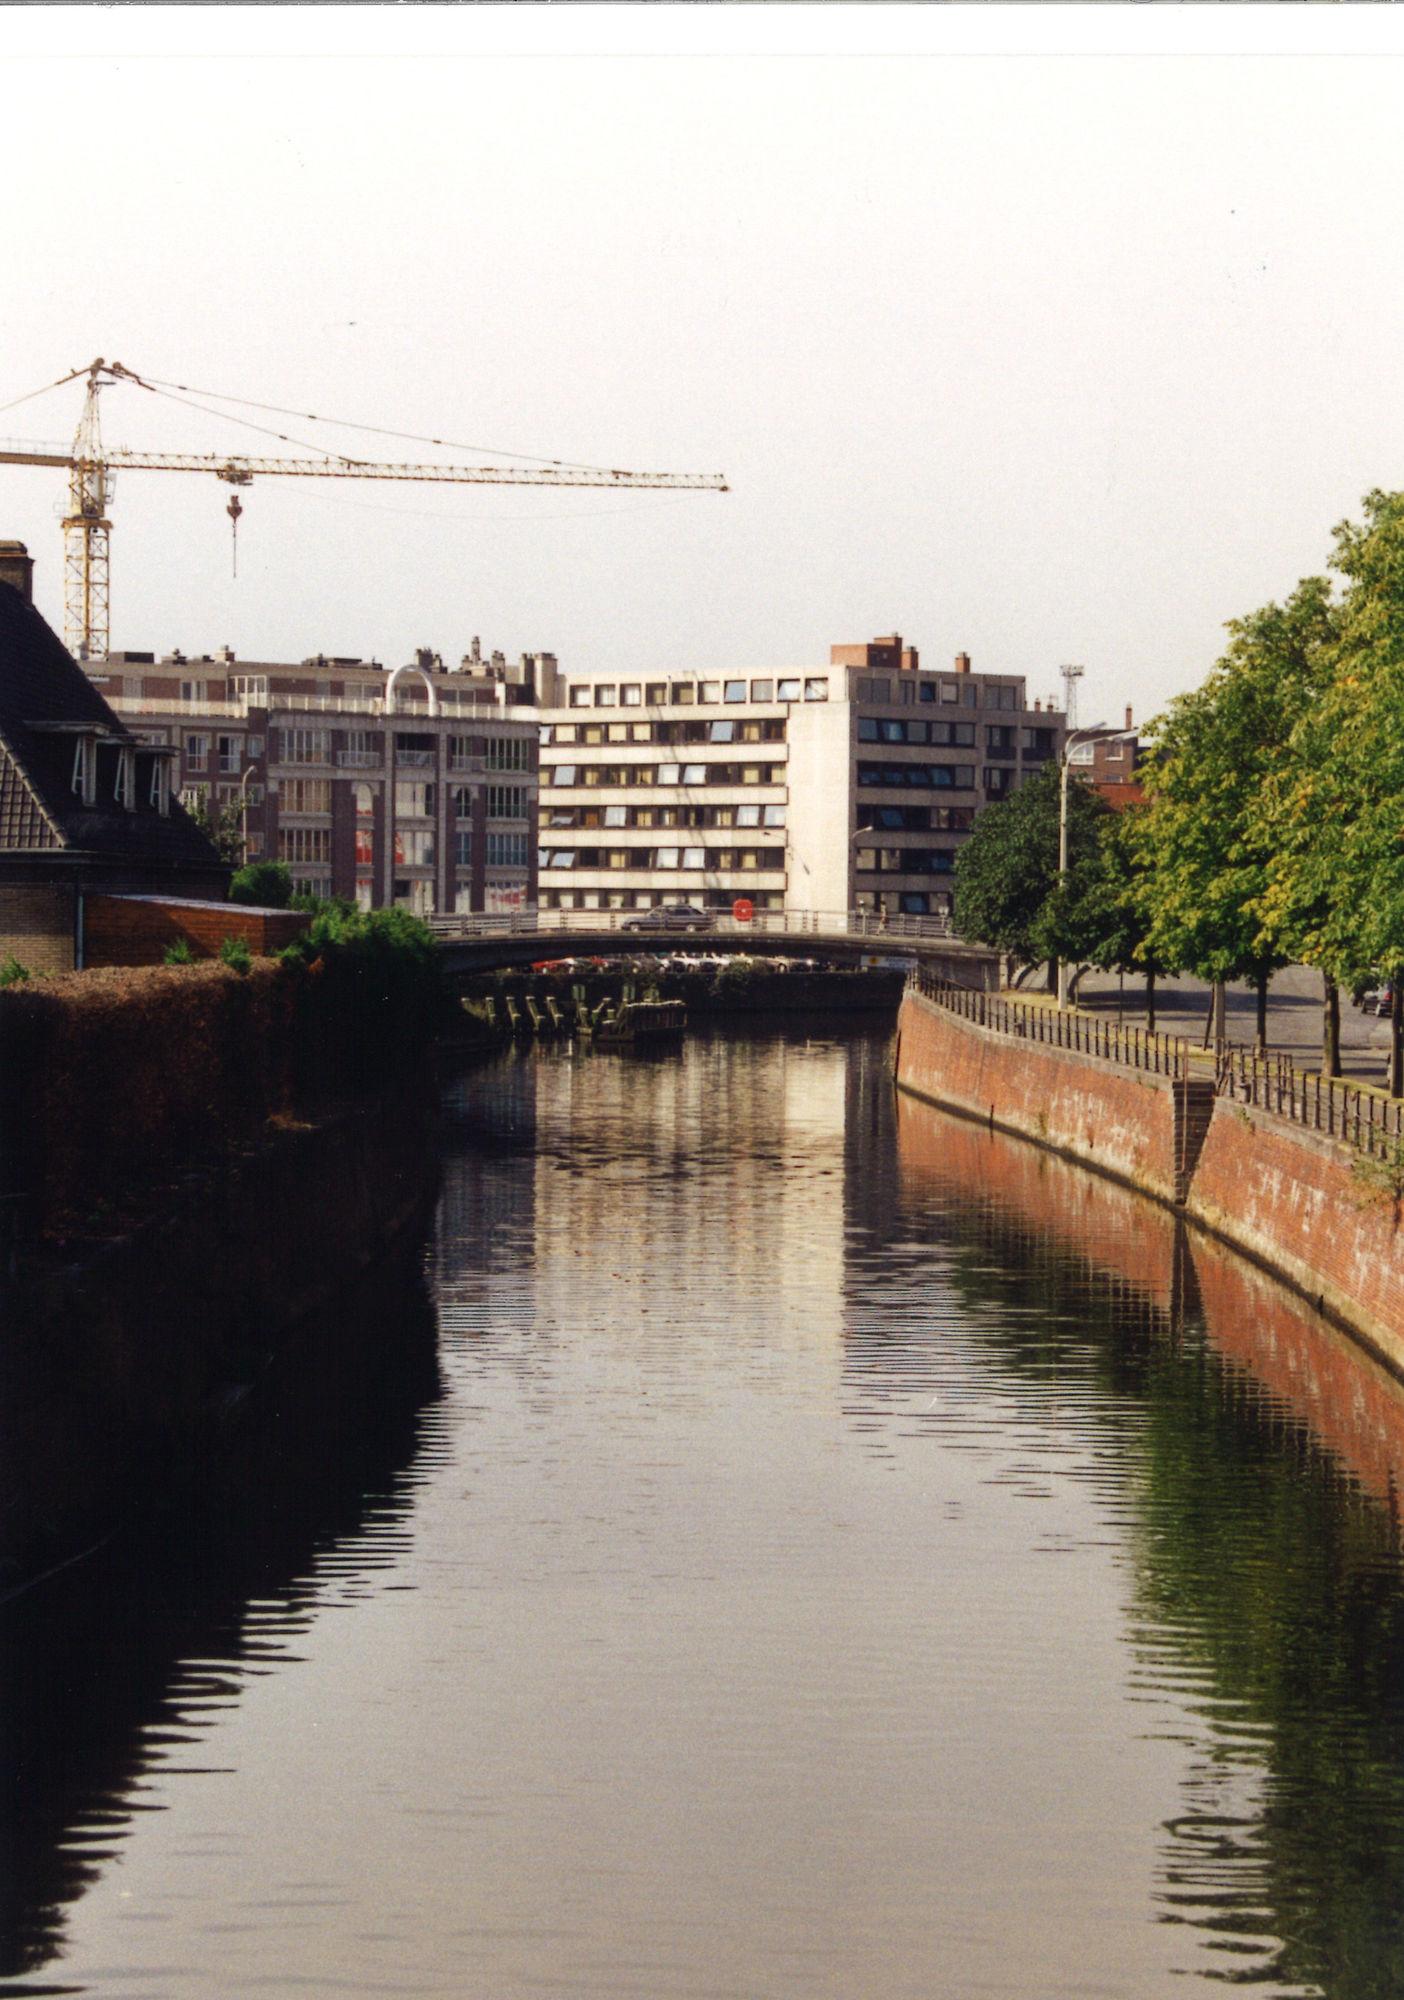 Leie tussen Budabrug en Reepbrug 1995